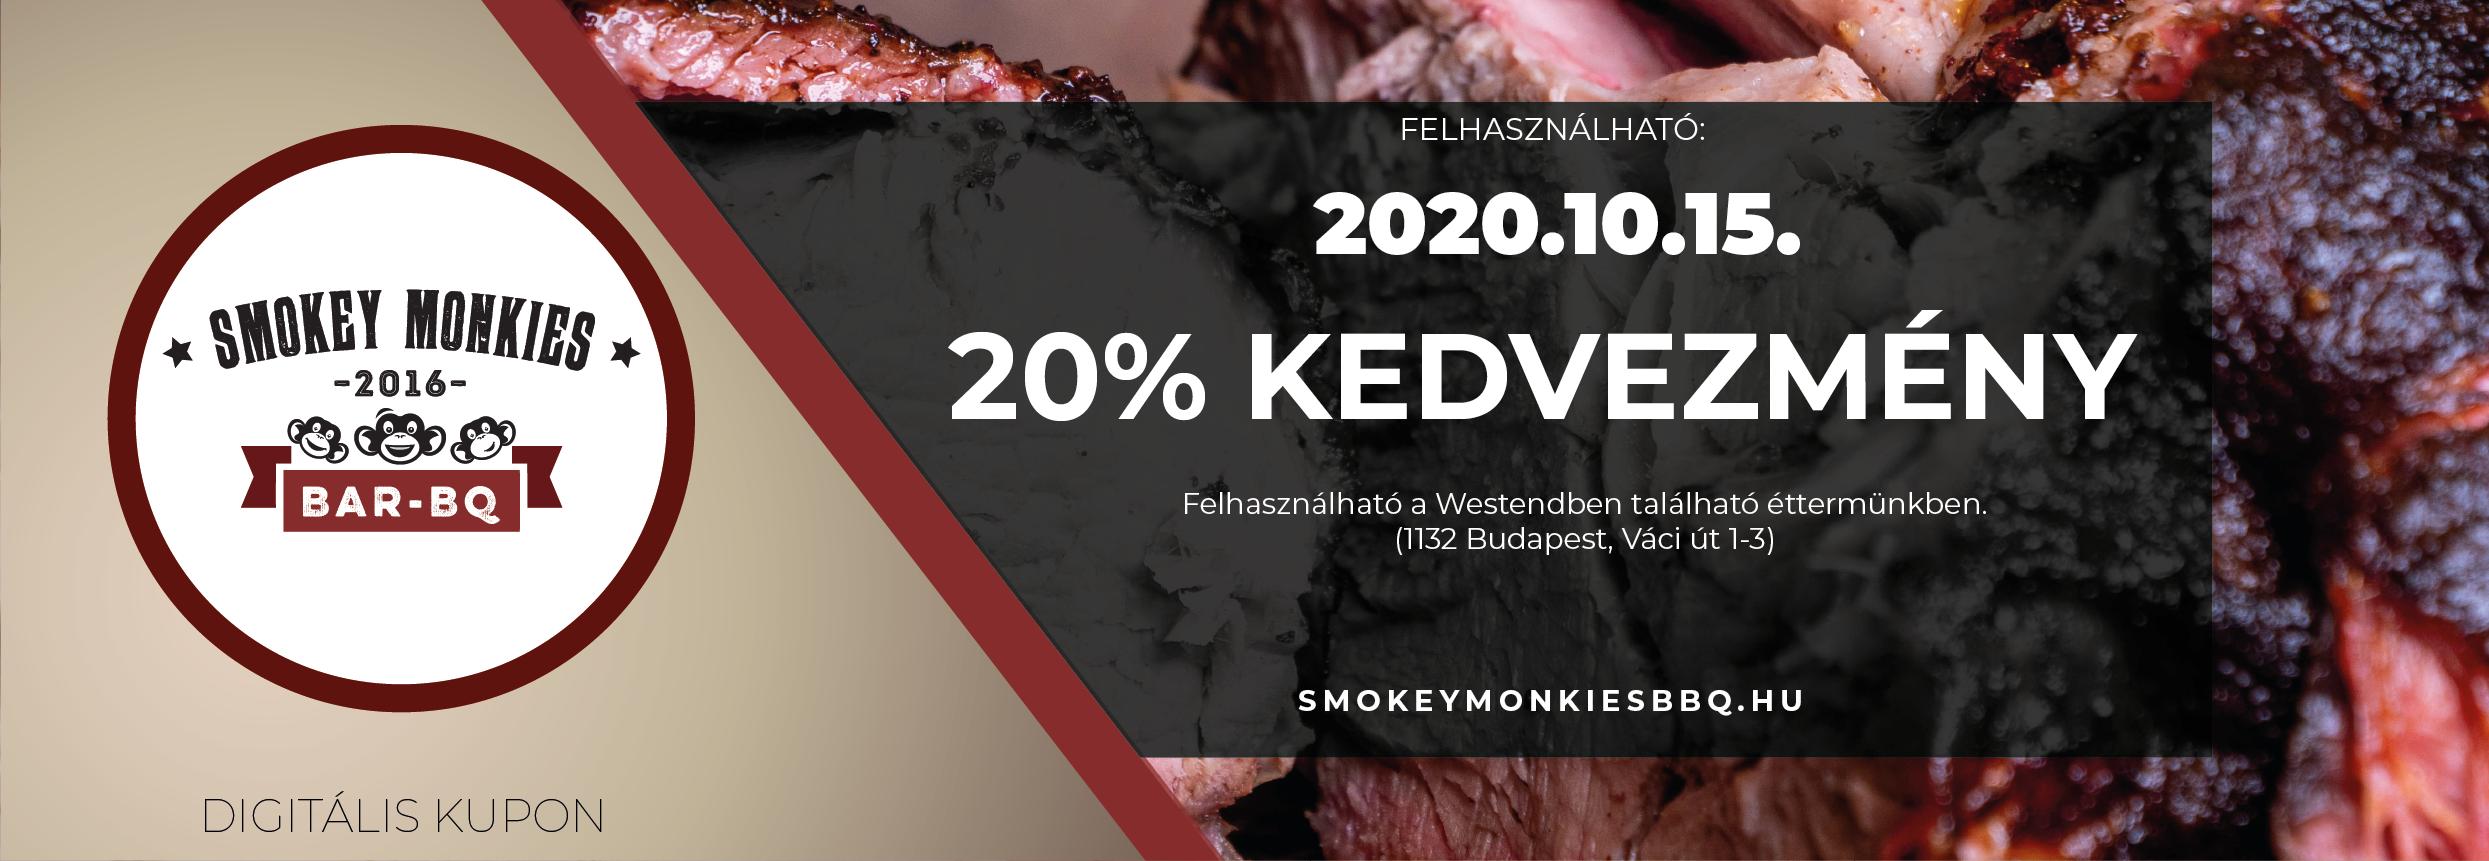 Nyitási kedvezménnyel vár a Smokey Monkies BBQ!